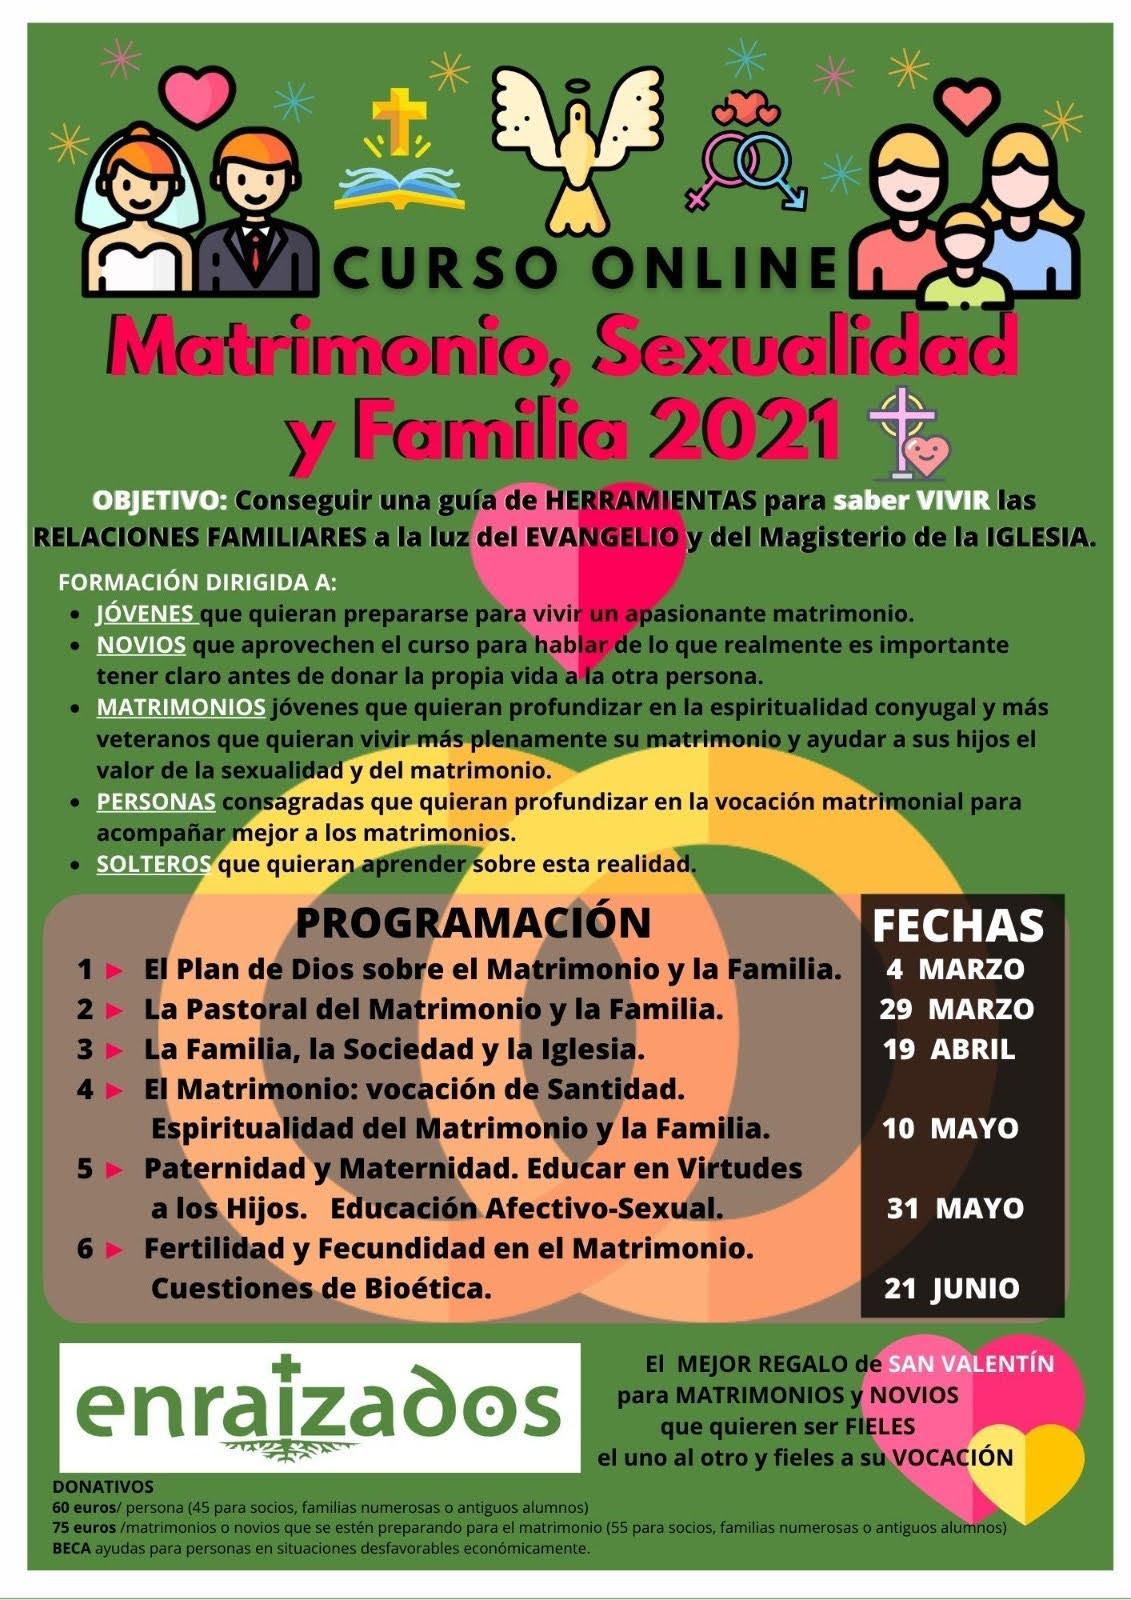 curso Online Matrimonio, sexualidad, Familia